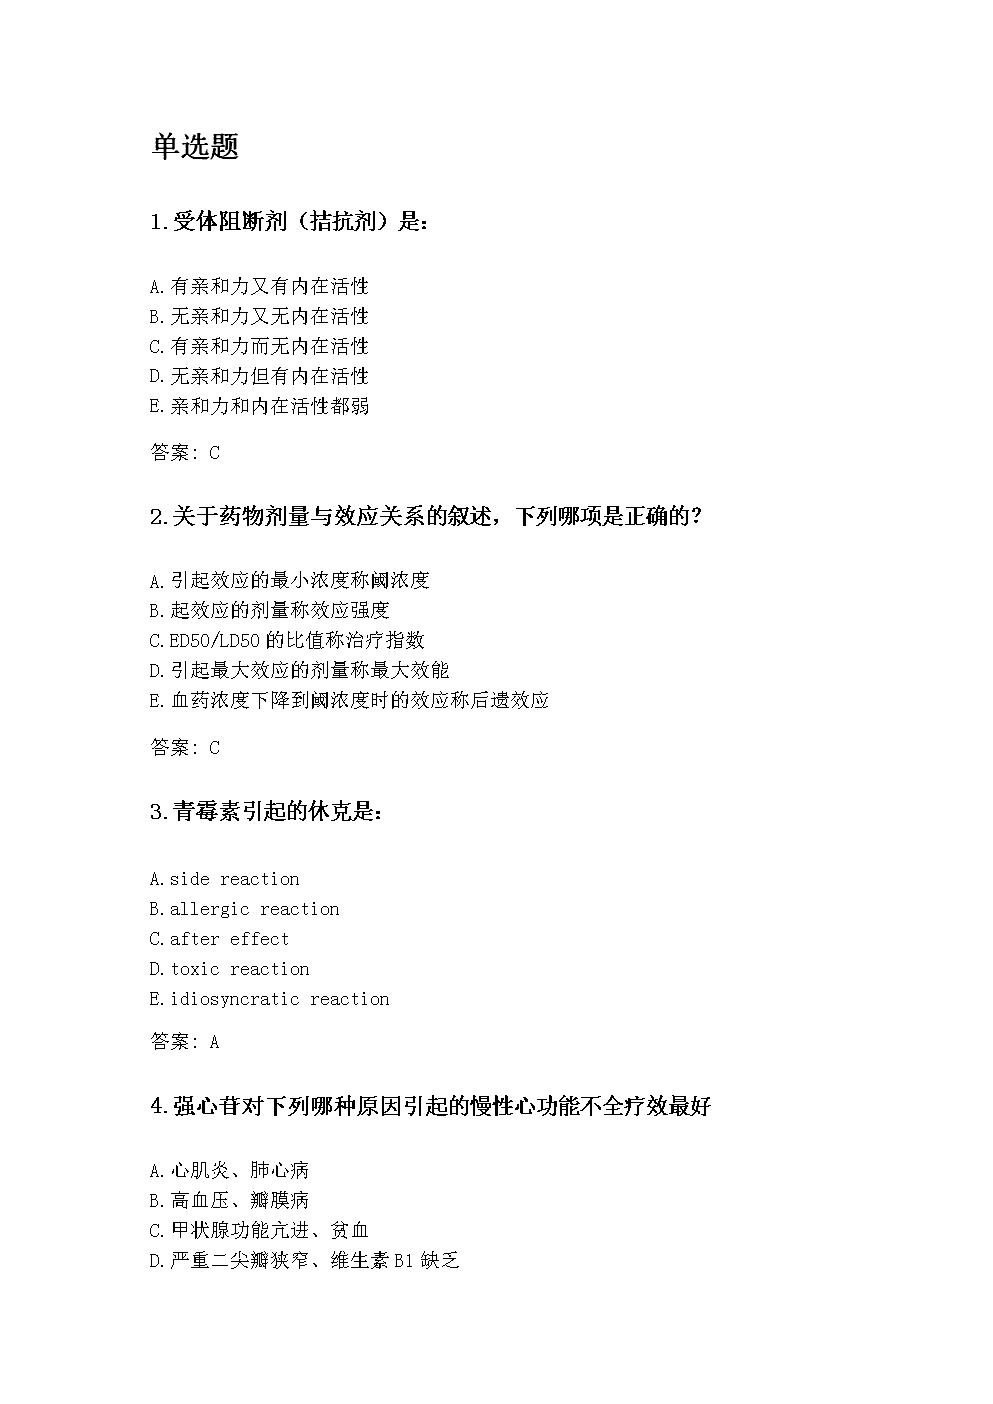 奥鹏吉林大学2020年9月《药理学(含实验)》考前练兵.doc